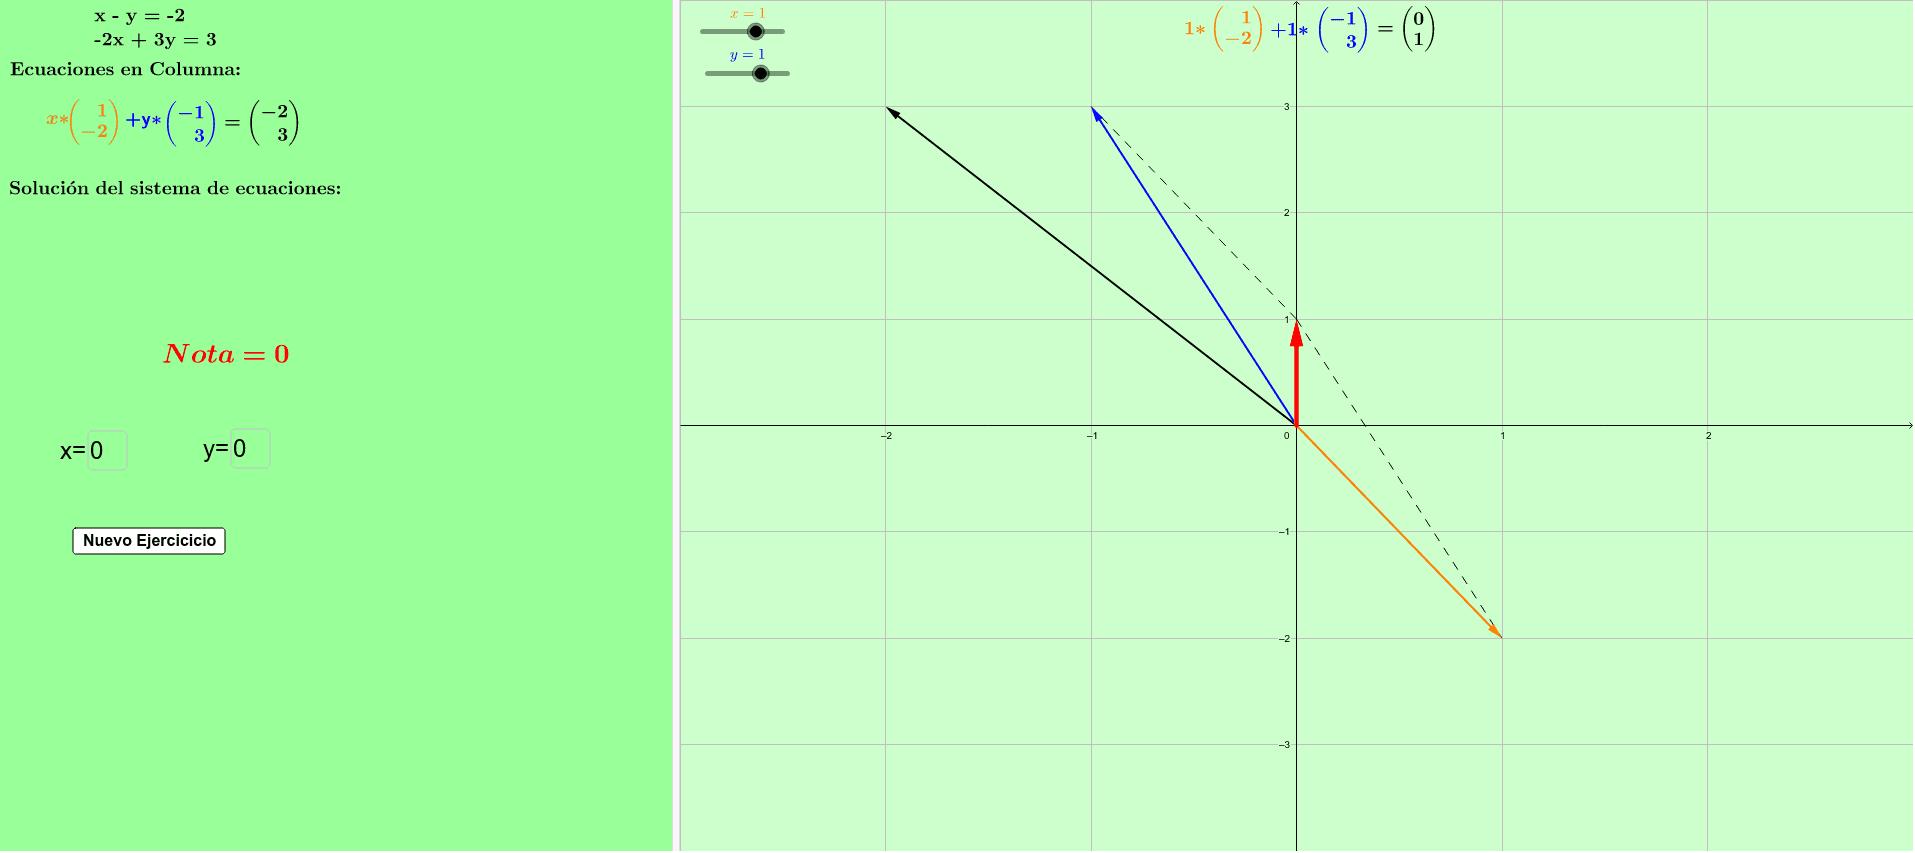 Visión Columna: Mueva los deslizadores x,y  hasta que los vector rojo se sobreponga al negro. Presiona Intro para comenzar la actividad